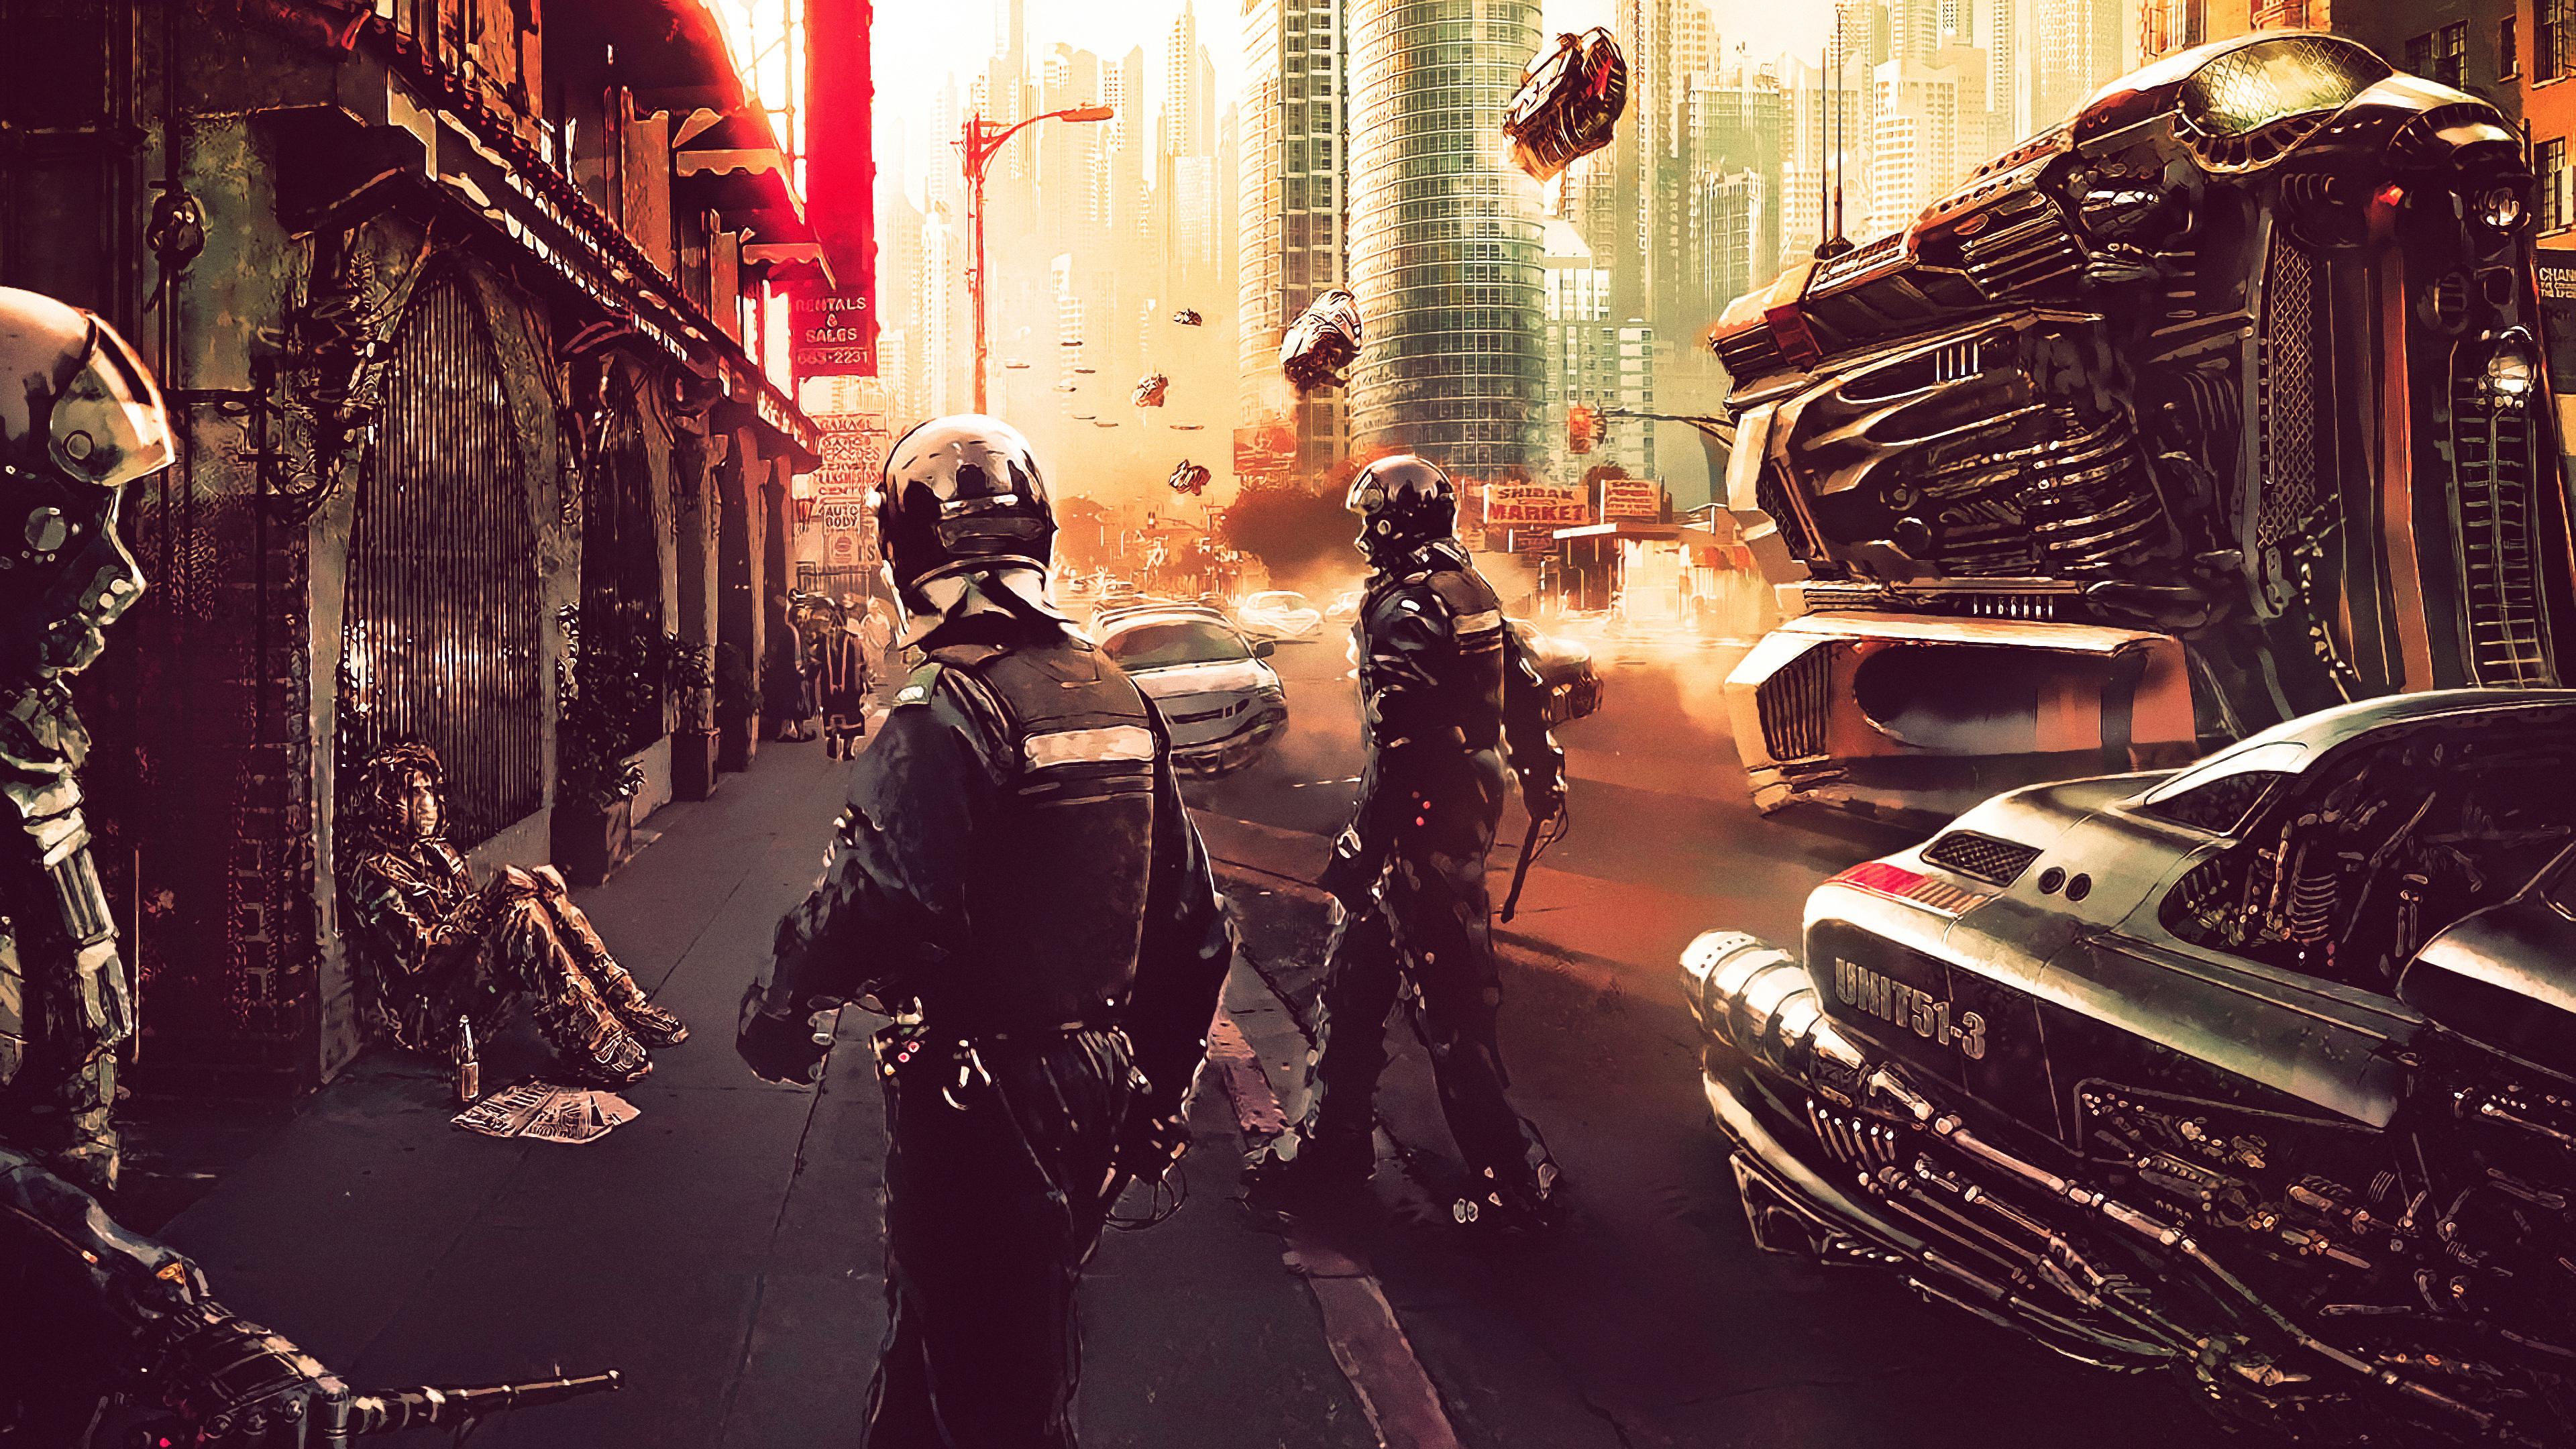 cyberpunk police 4k 1540750296 - Cyberpunk Police 4k - scifi wallpapers, police wallpapers, hd-wallpapers, digital art wallpapers, cyberpunk wallpapers, artwork wallpapers, artist wallpapers, 4k-wallpapers